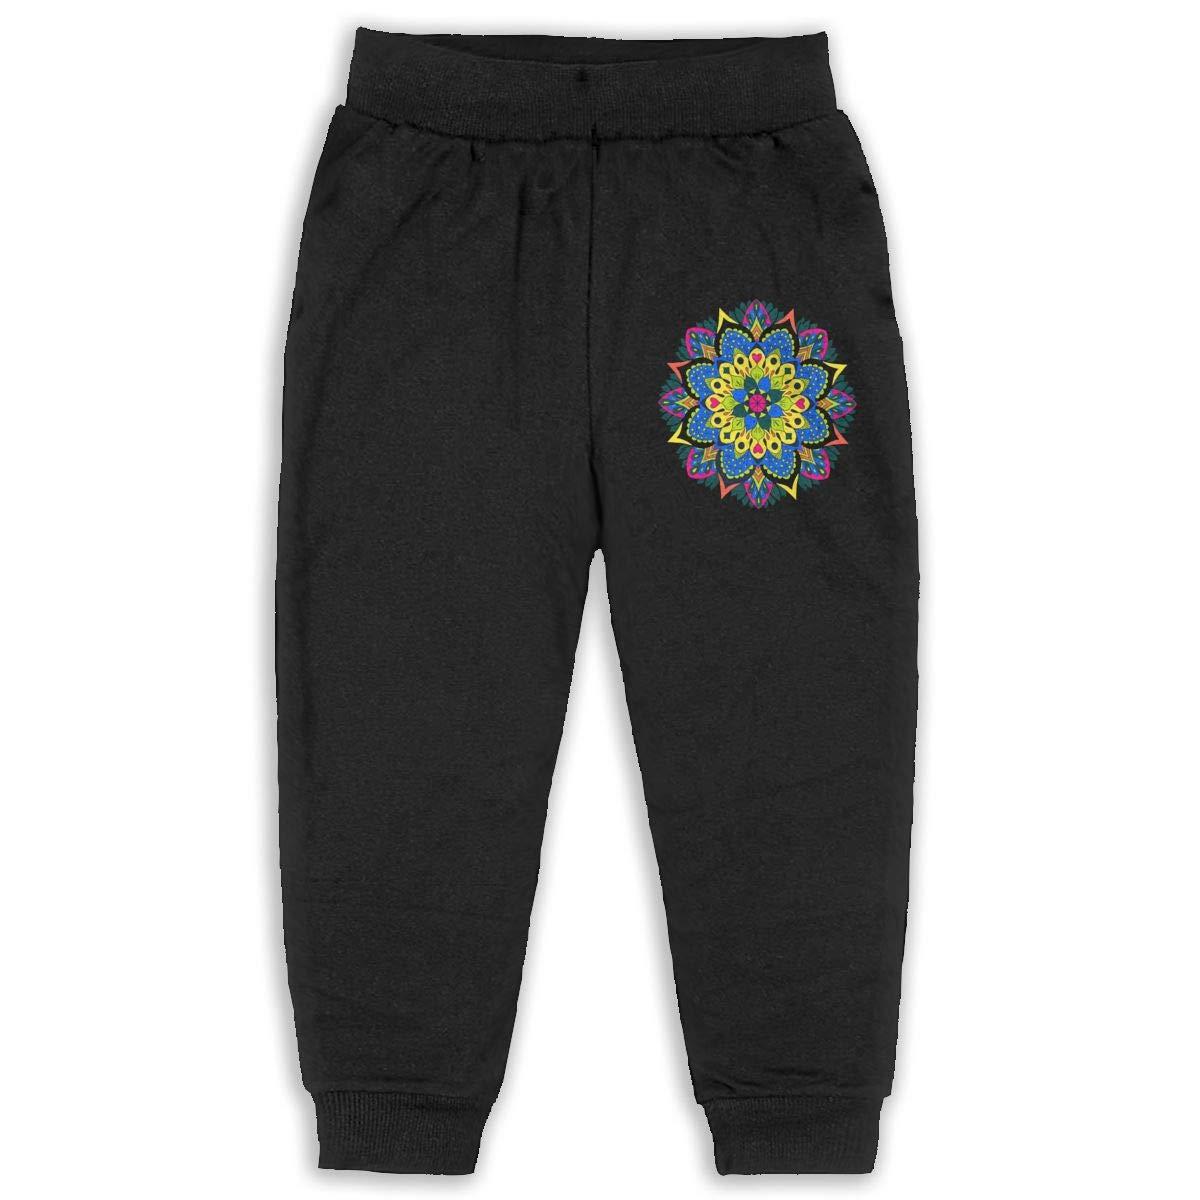 Laoyaotequ Mystical Mandala Kids Cotton Sweatpants,Jogger Long Jersey Sweatpants